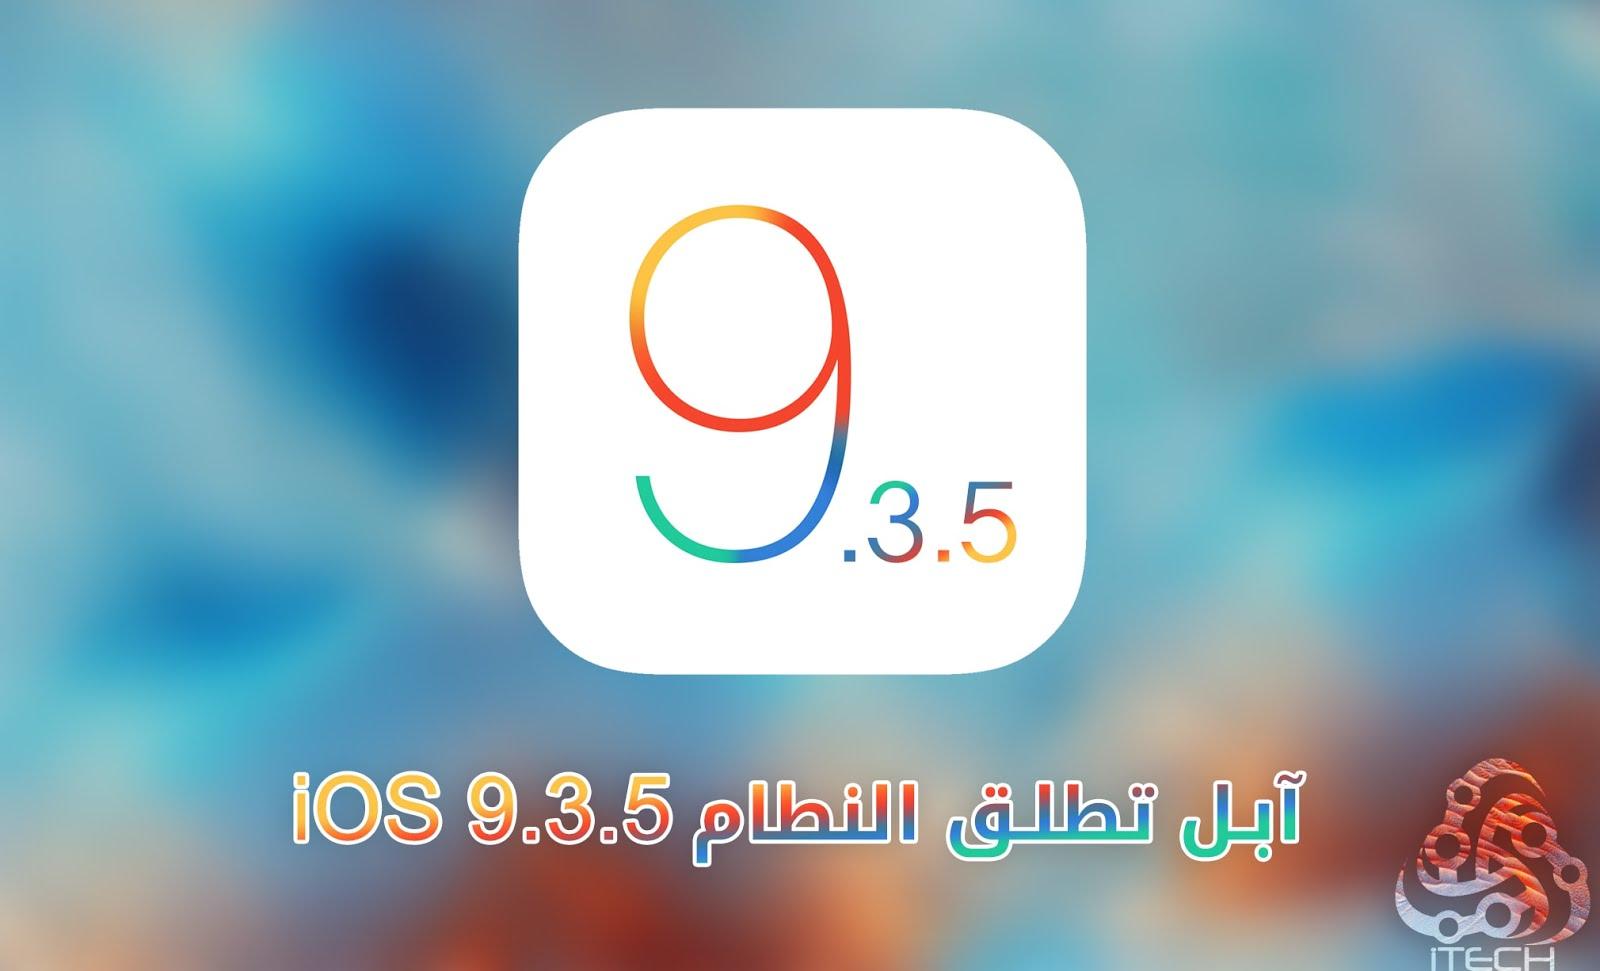 آبل تطلق التحديث iOS 9.3.5